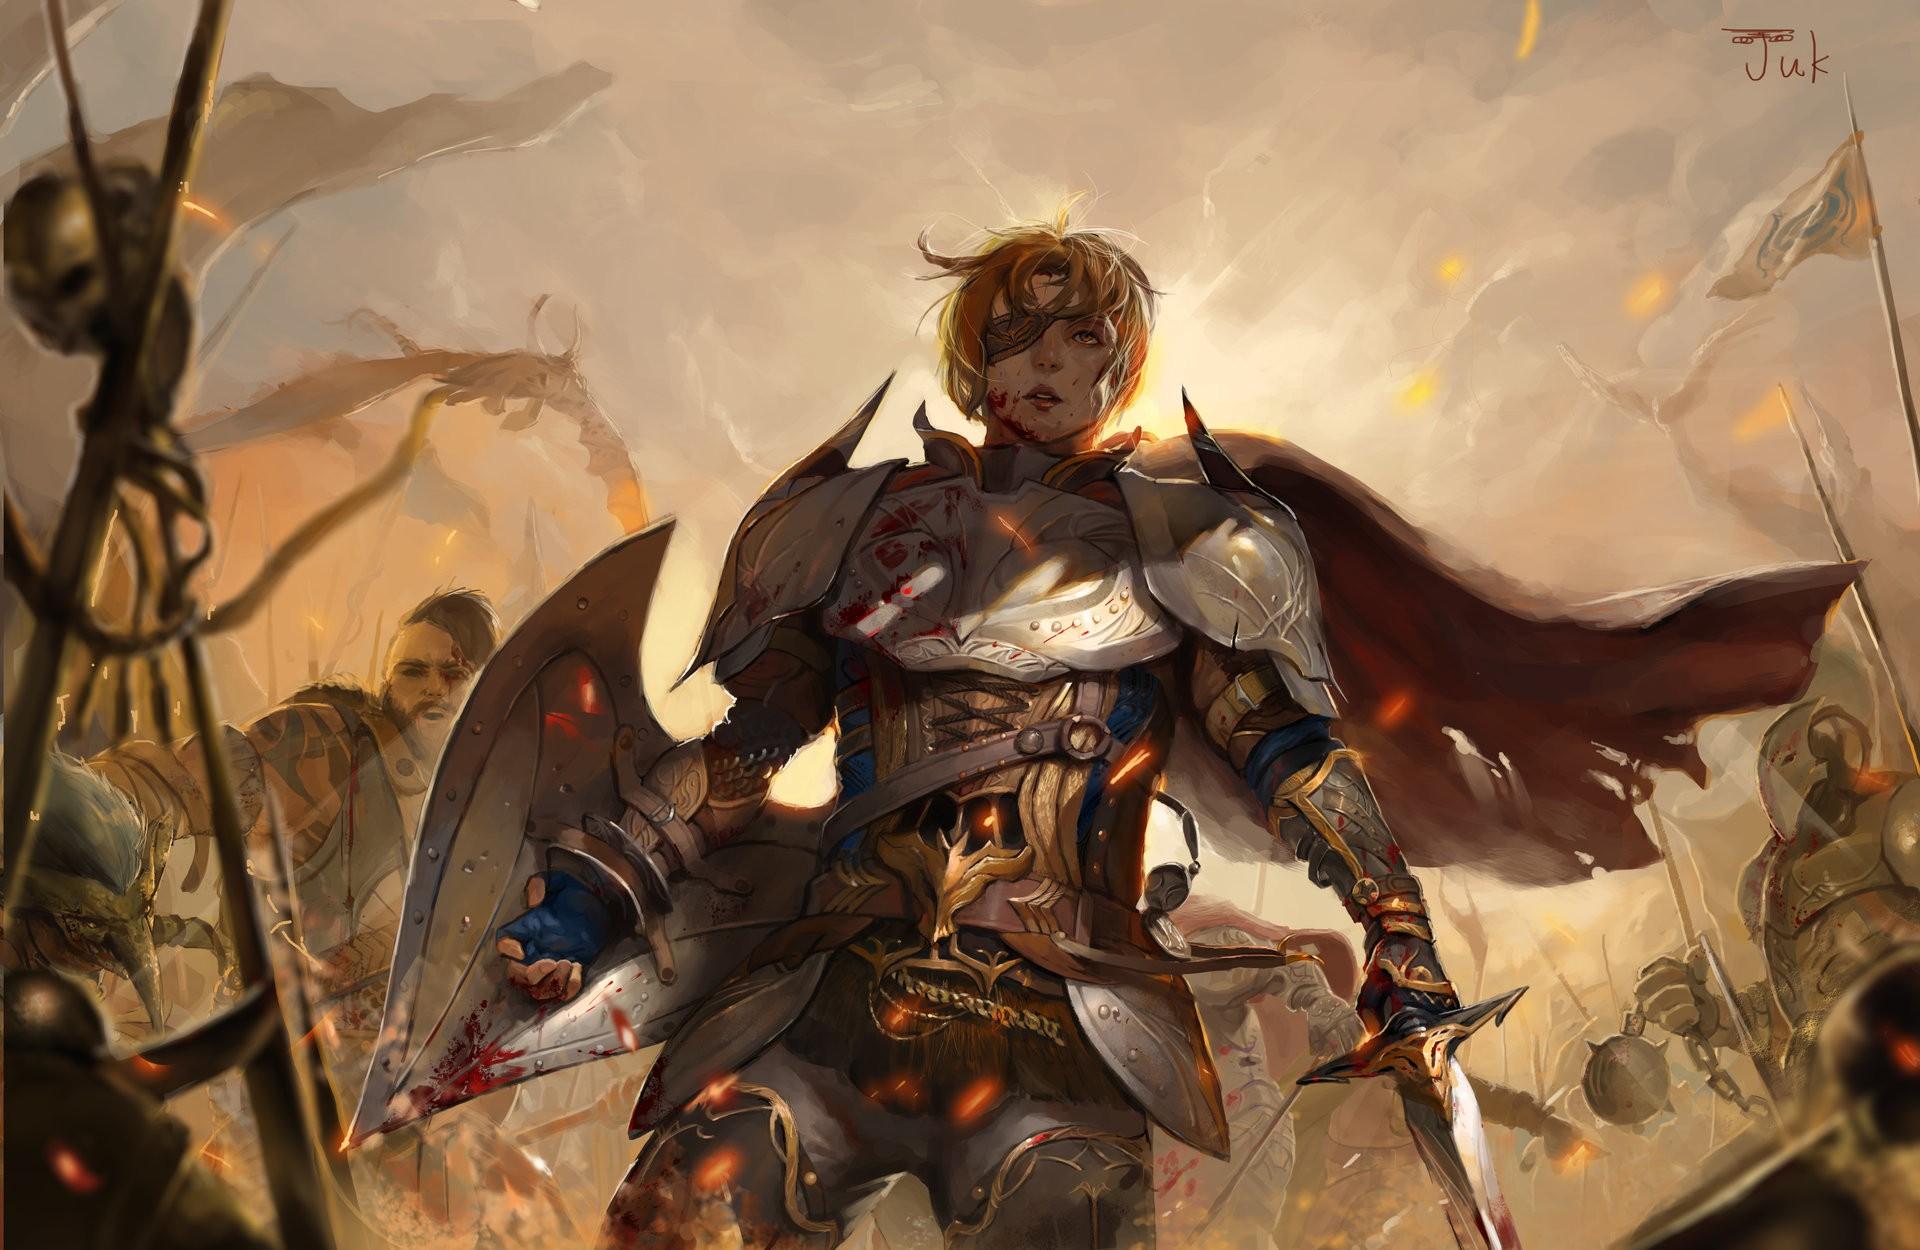 1920x1250 Px Armor Artwork Concept Art Knight Knights Shields Sword War Women